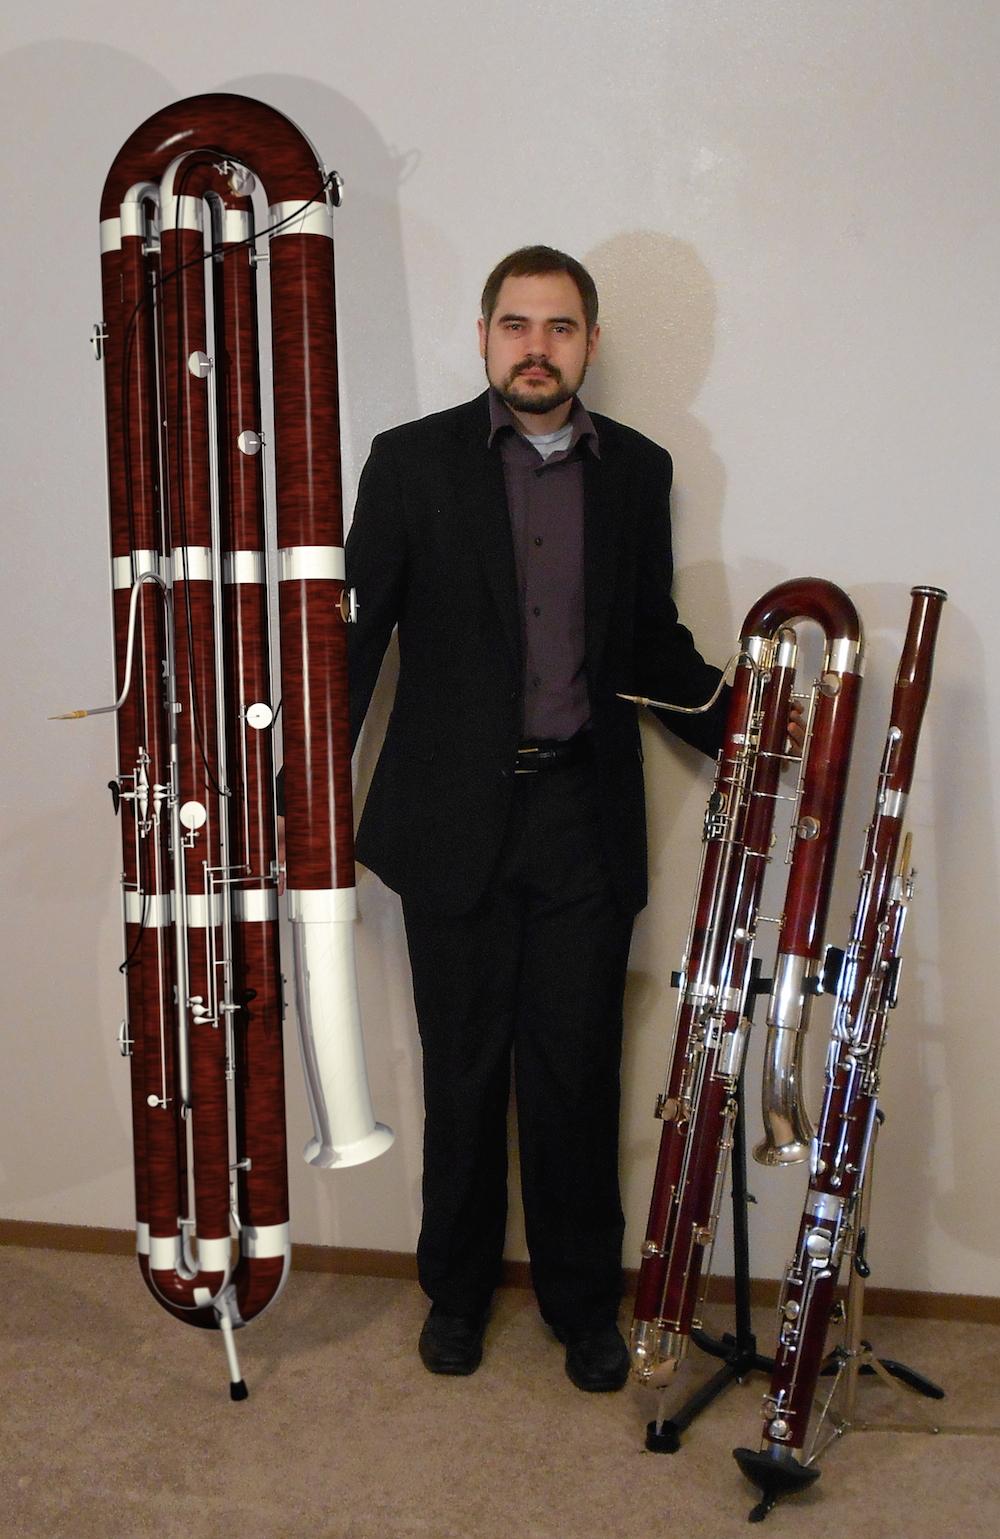 http://www.subcontrabassoon.com/images/bsnfam.jpg